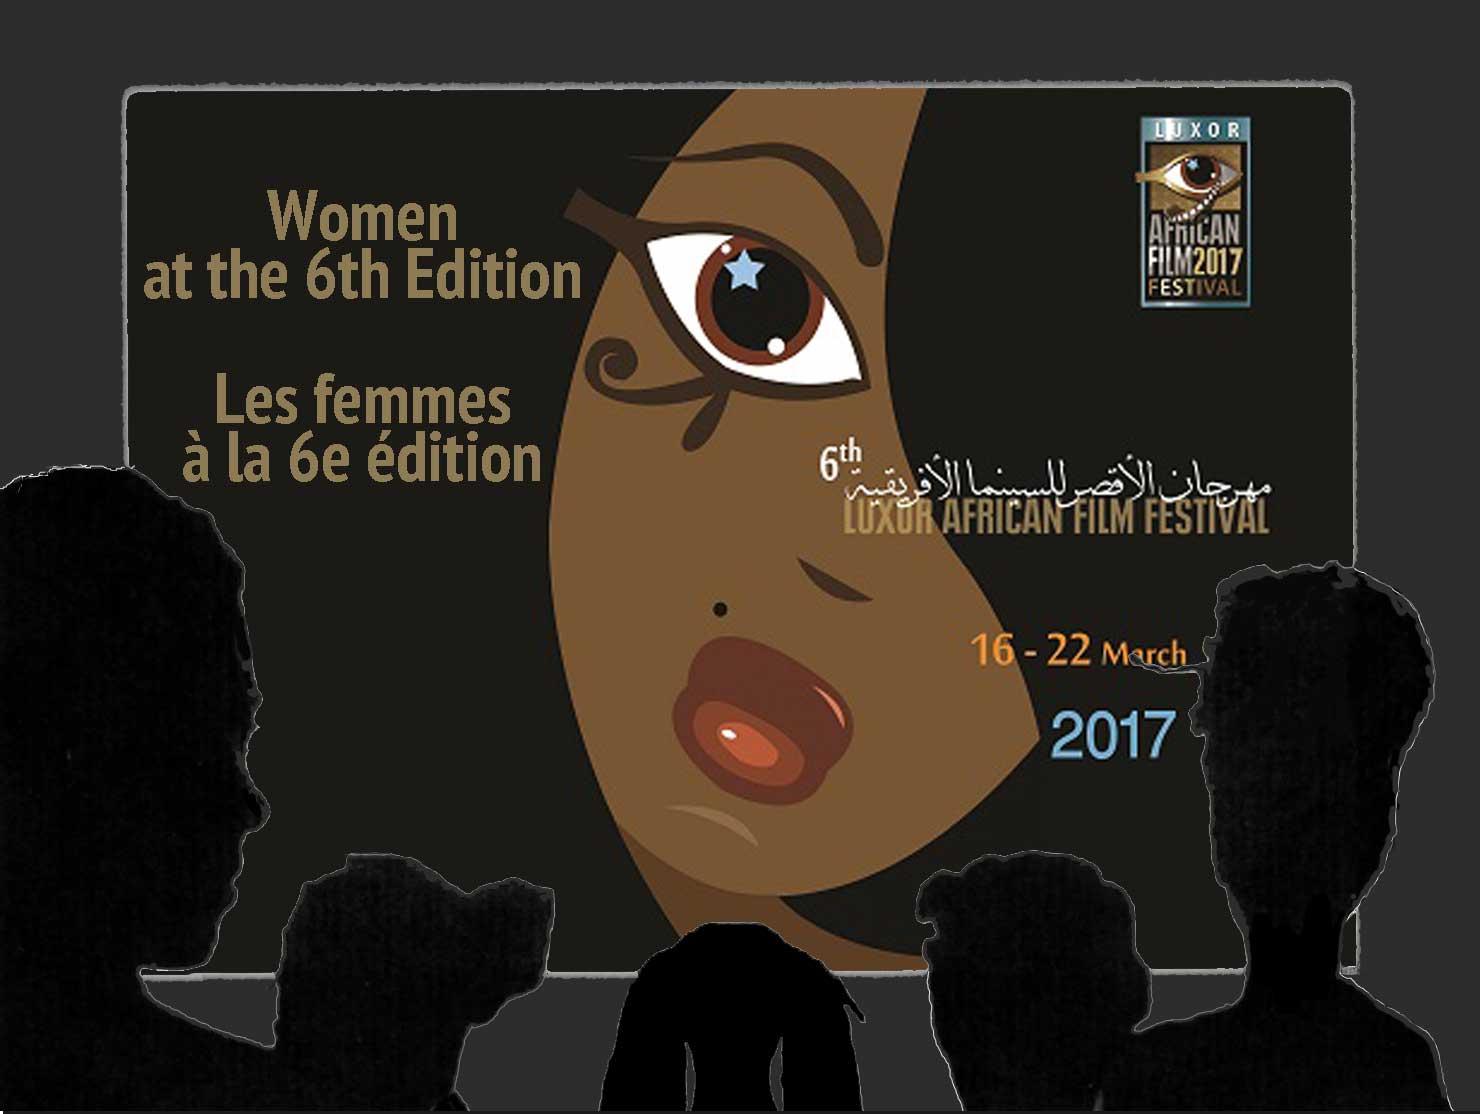 انطلاق مهرجان الأقصر للسينما الأفريقية